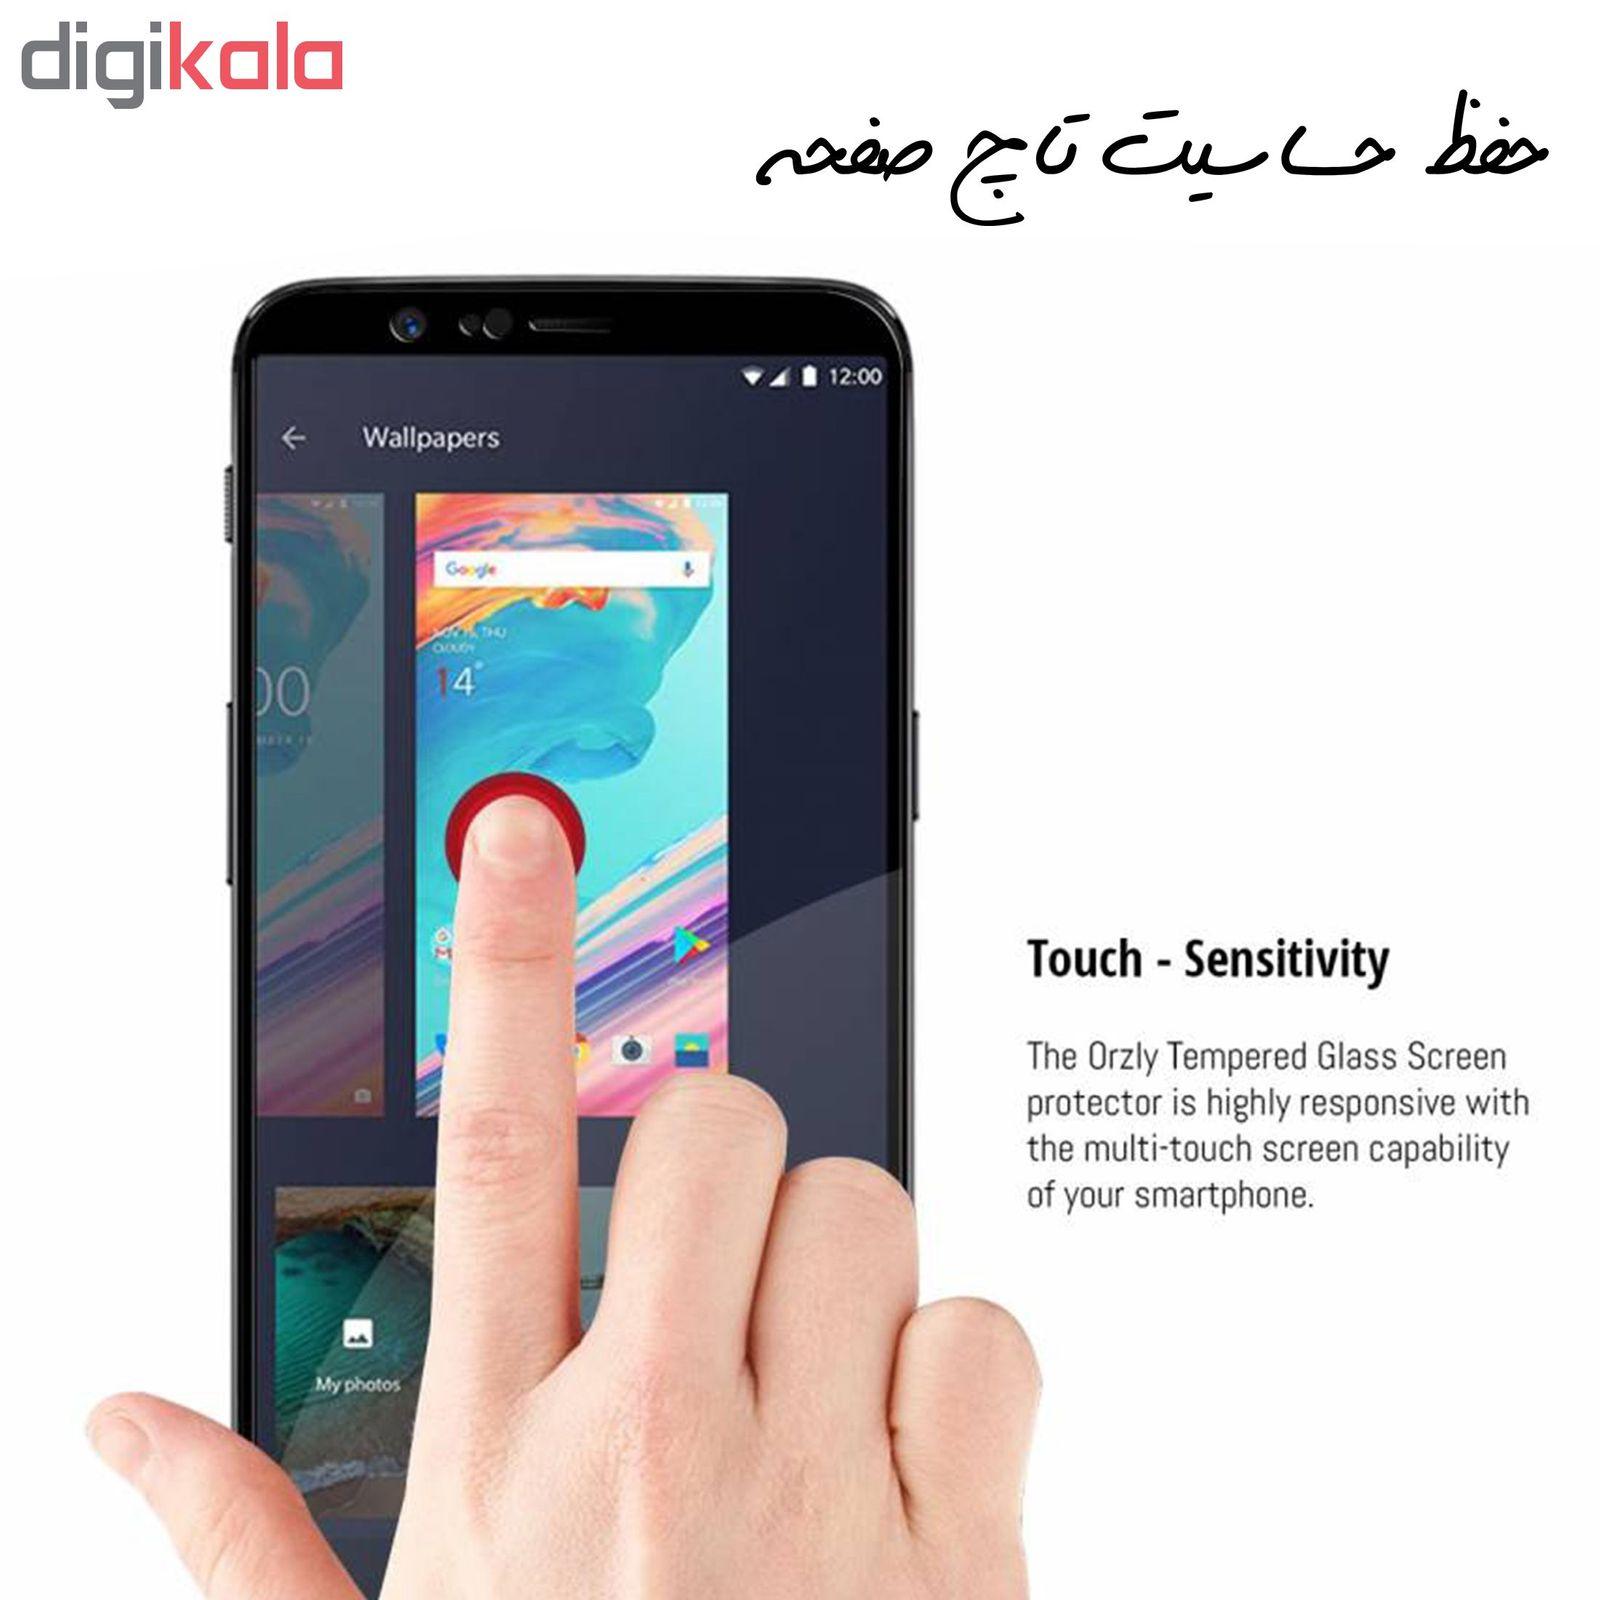 محافظ صفحه نمایش Hard and thick مدل F-001 مناسب برای گوشی موبایل سامسونگ Galaxy S10 plus main 1 6